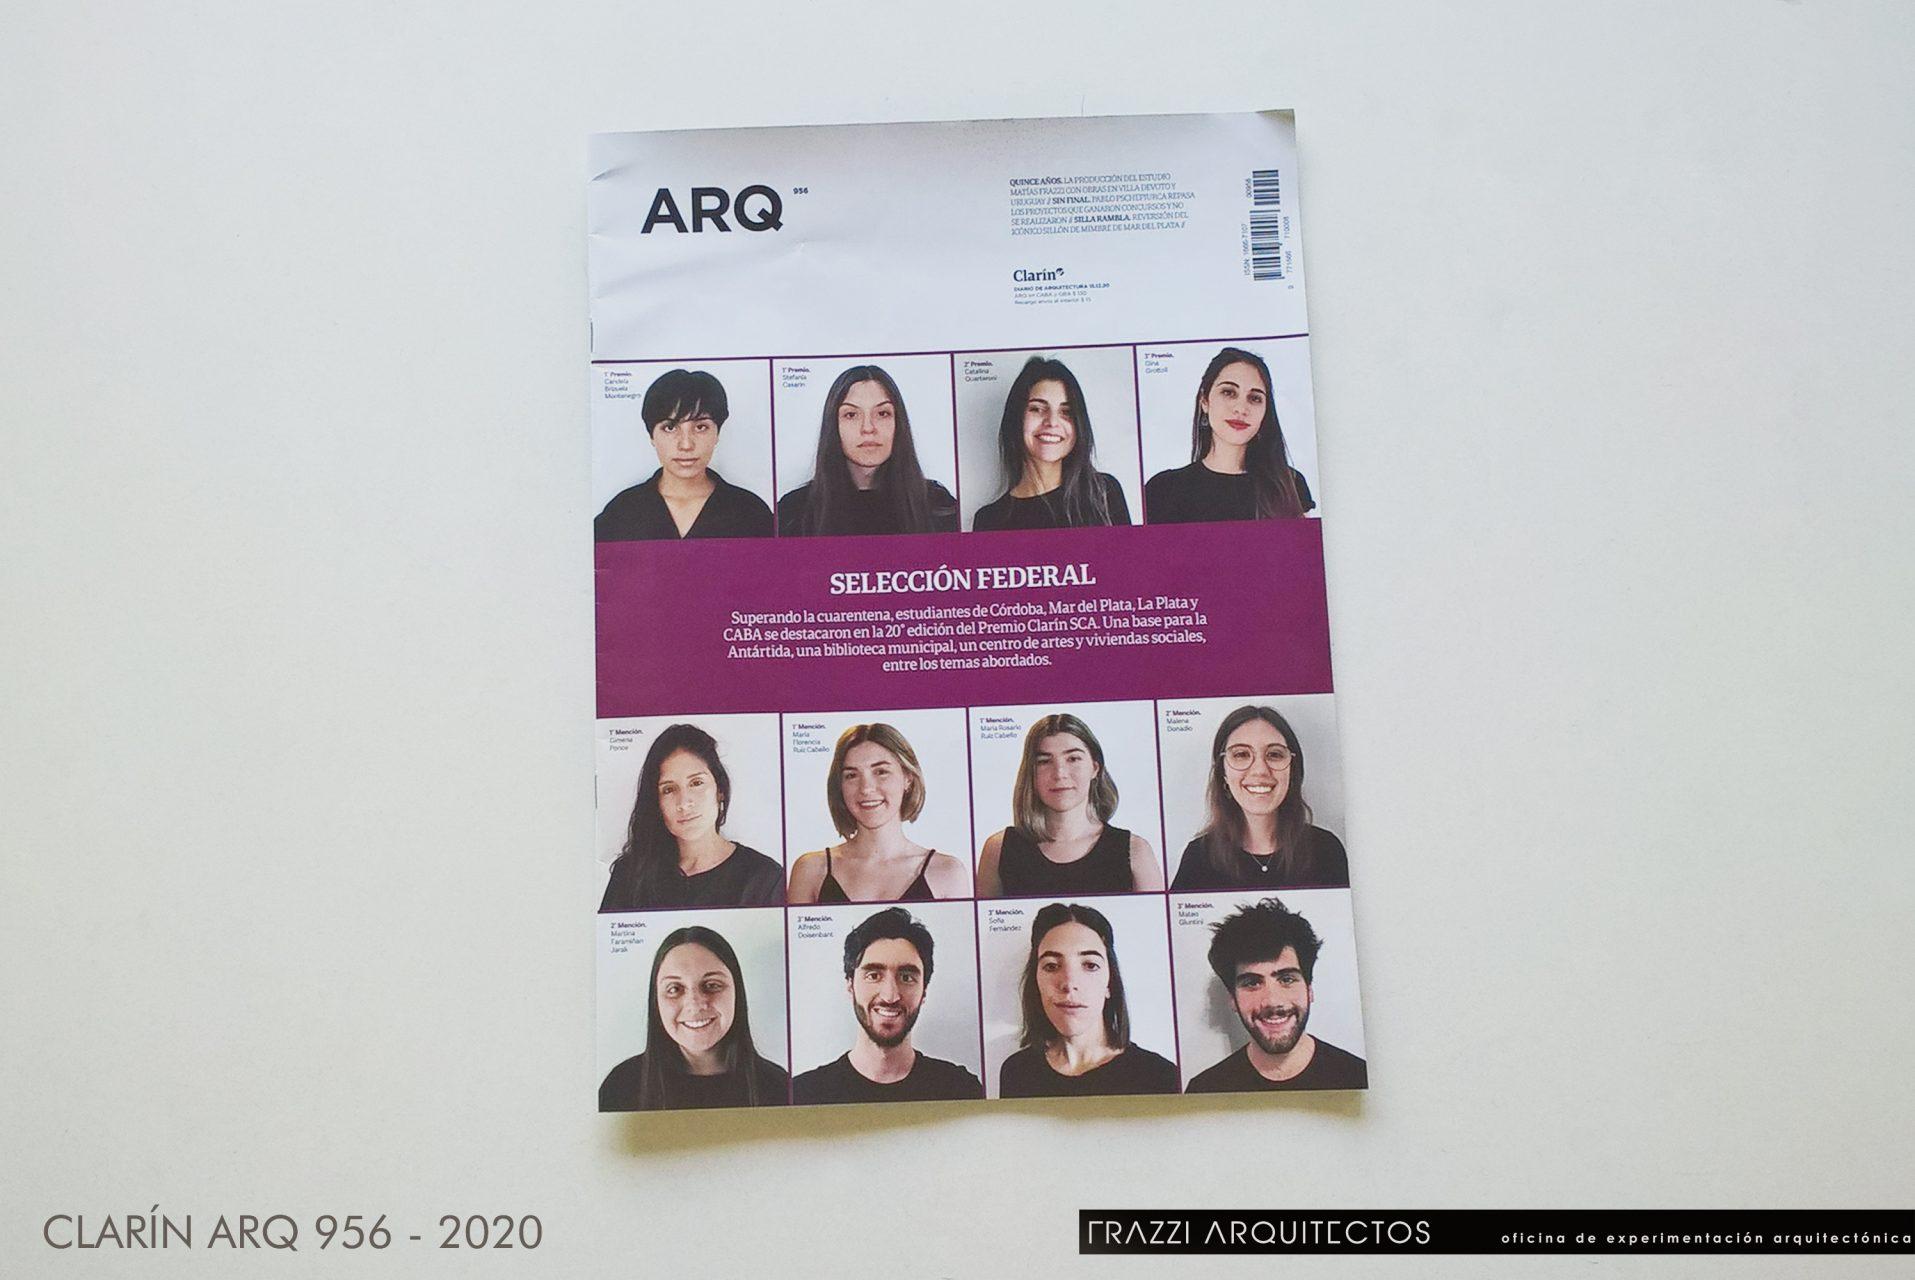 01 CLARÍN ARQ 956